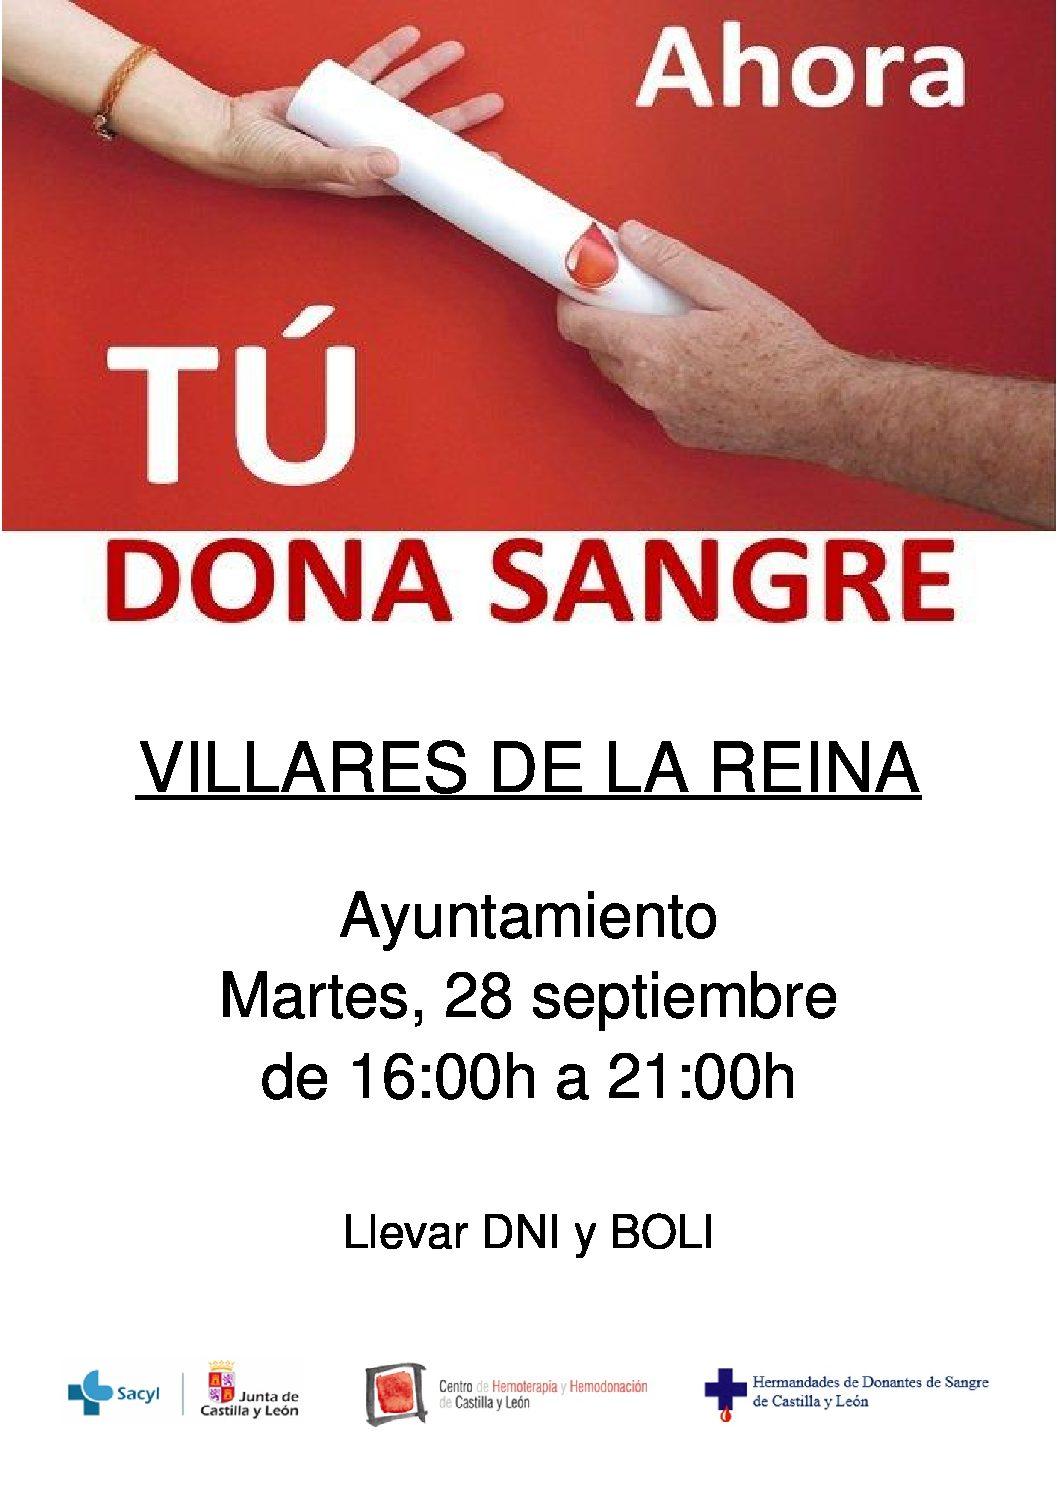 Donación de sangre para el martes 28 de septiembre